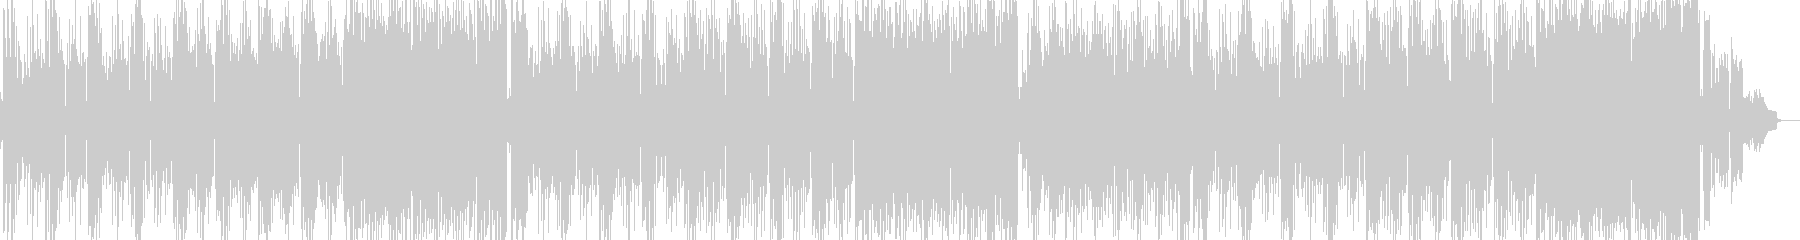 ガレージHipHopギター曲の未再生の波形